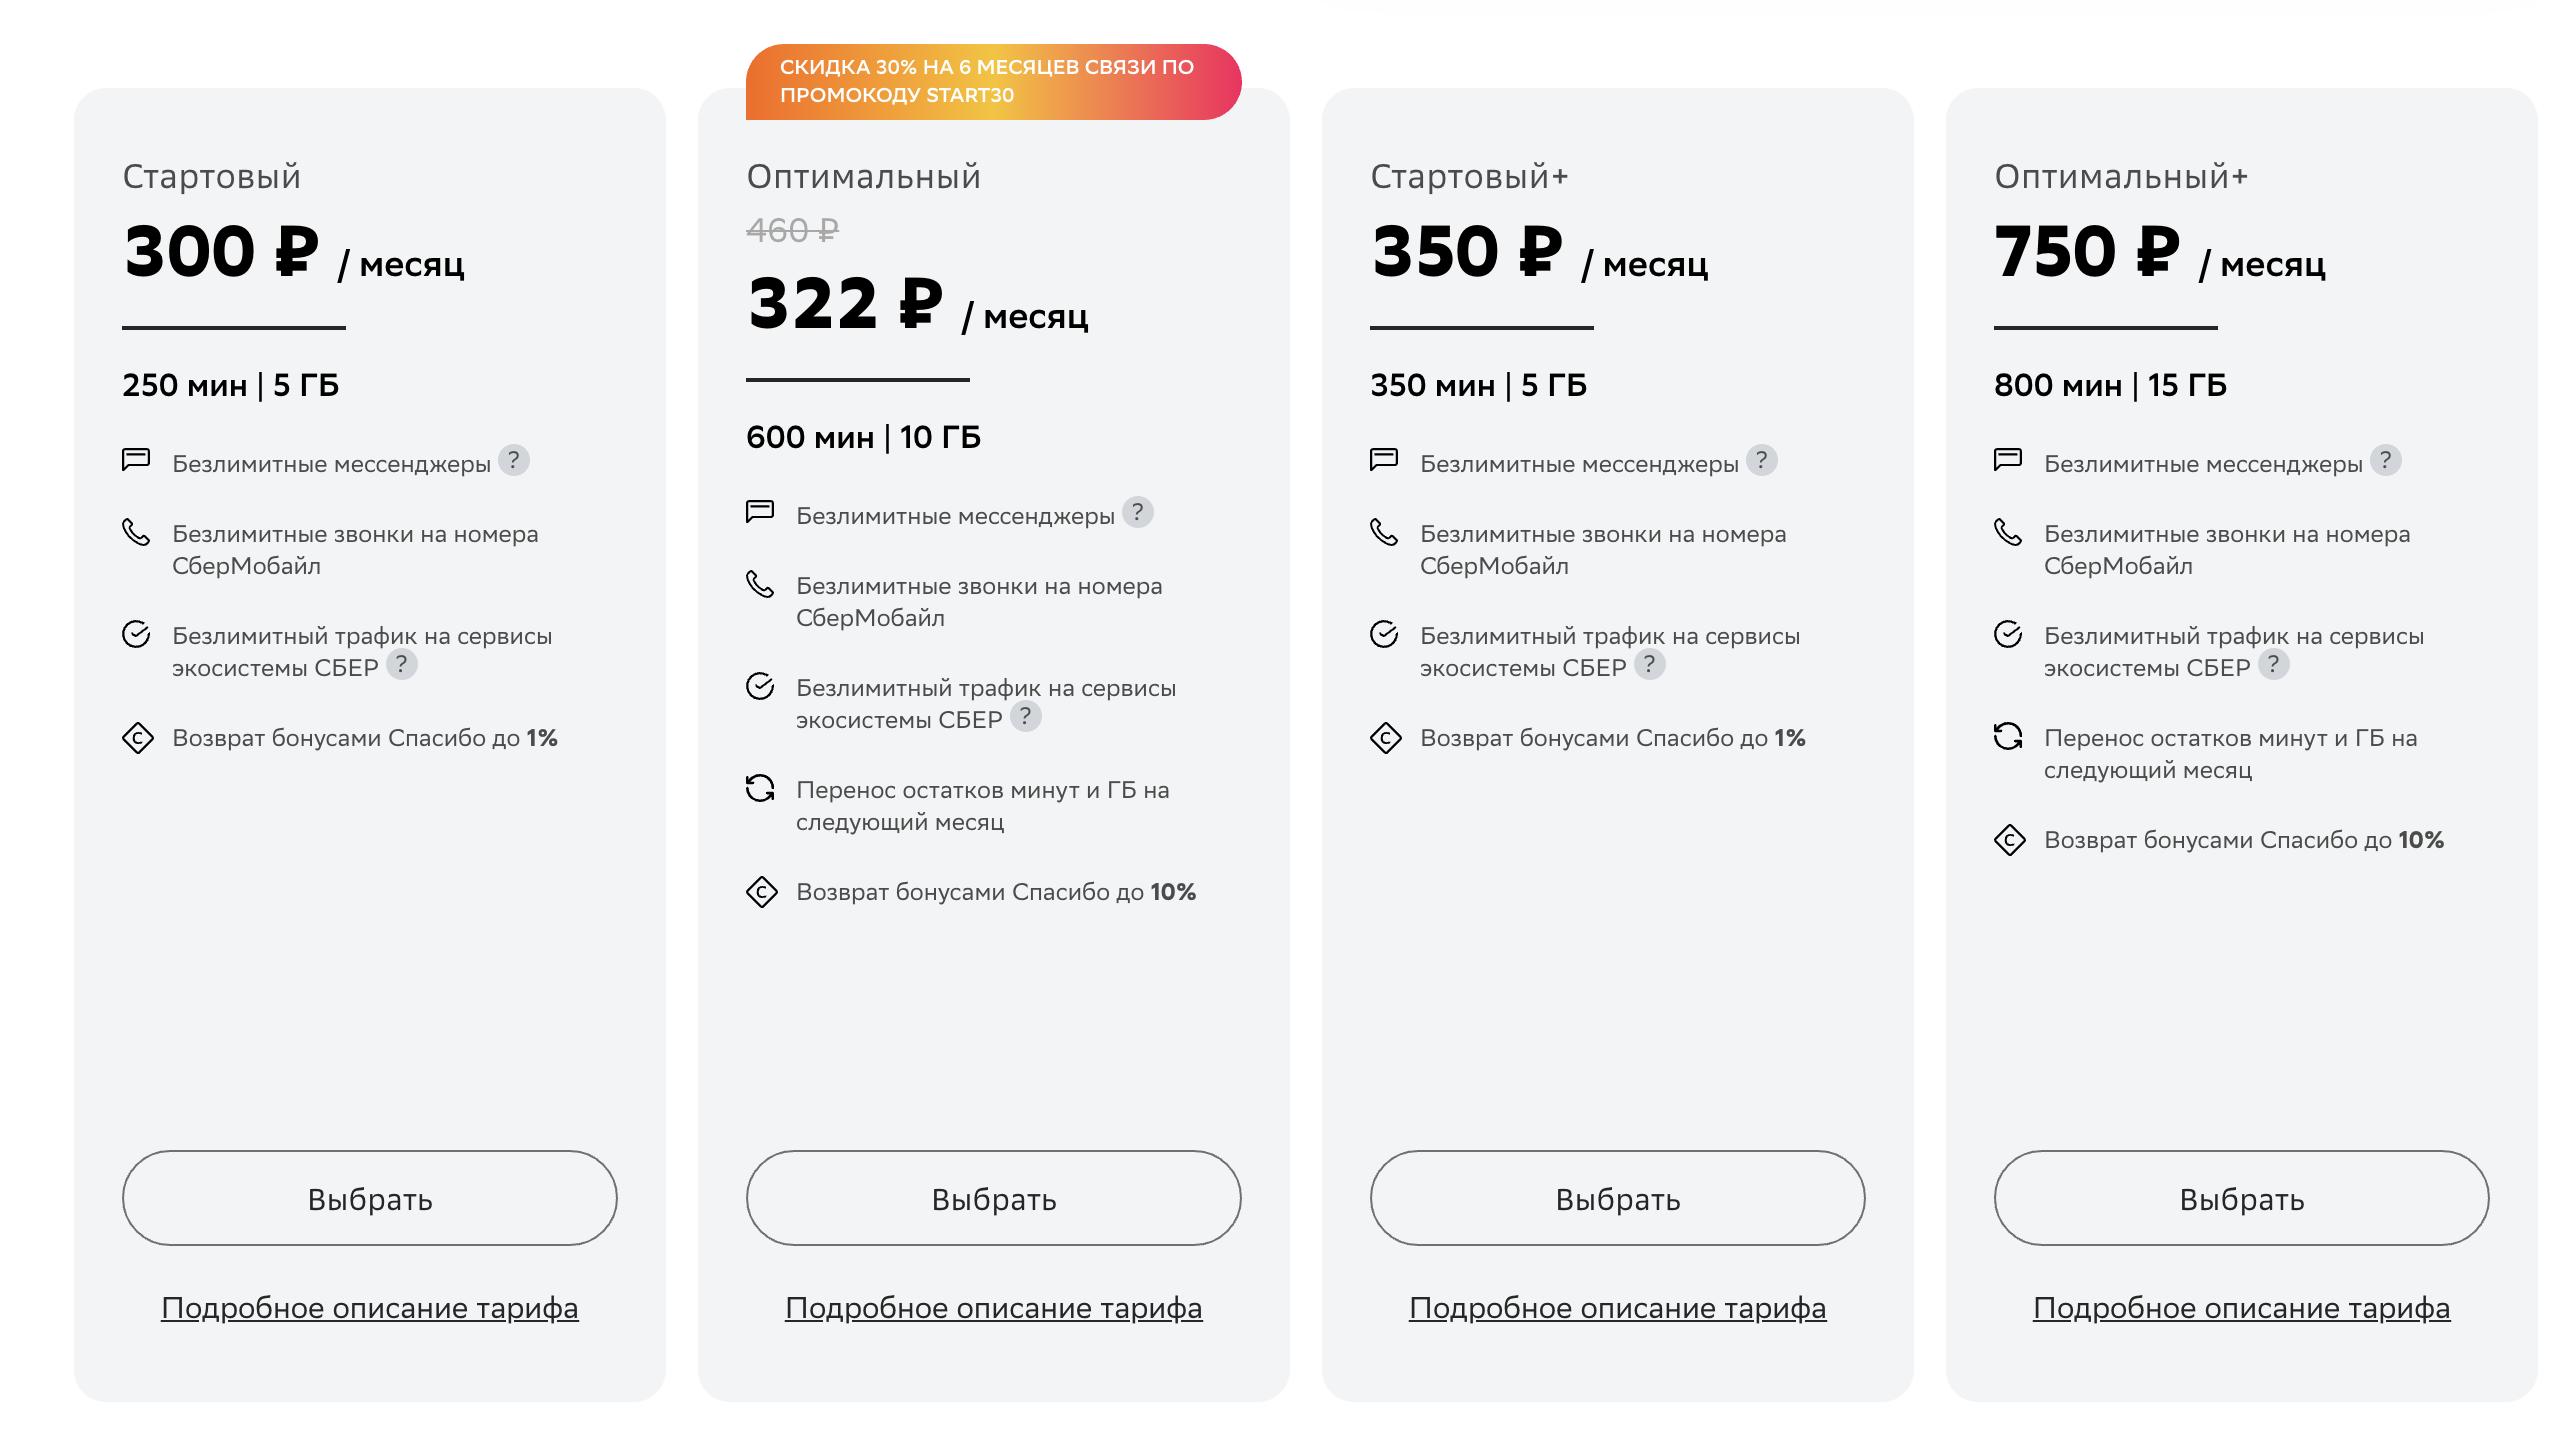 как подключить дополнительный пакет интернета на сбермобайл